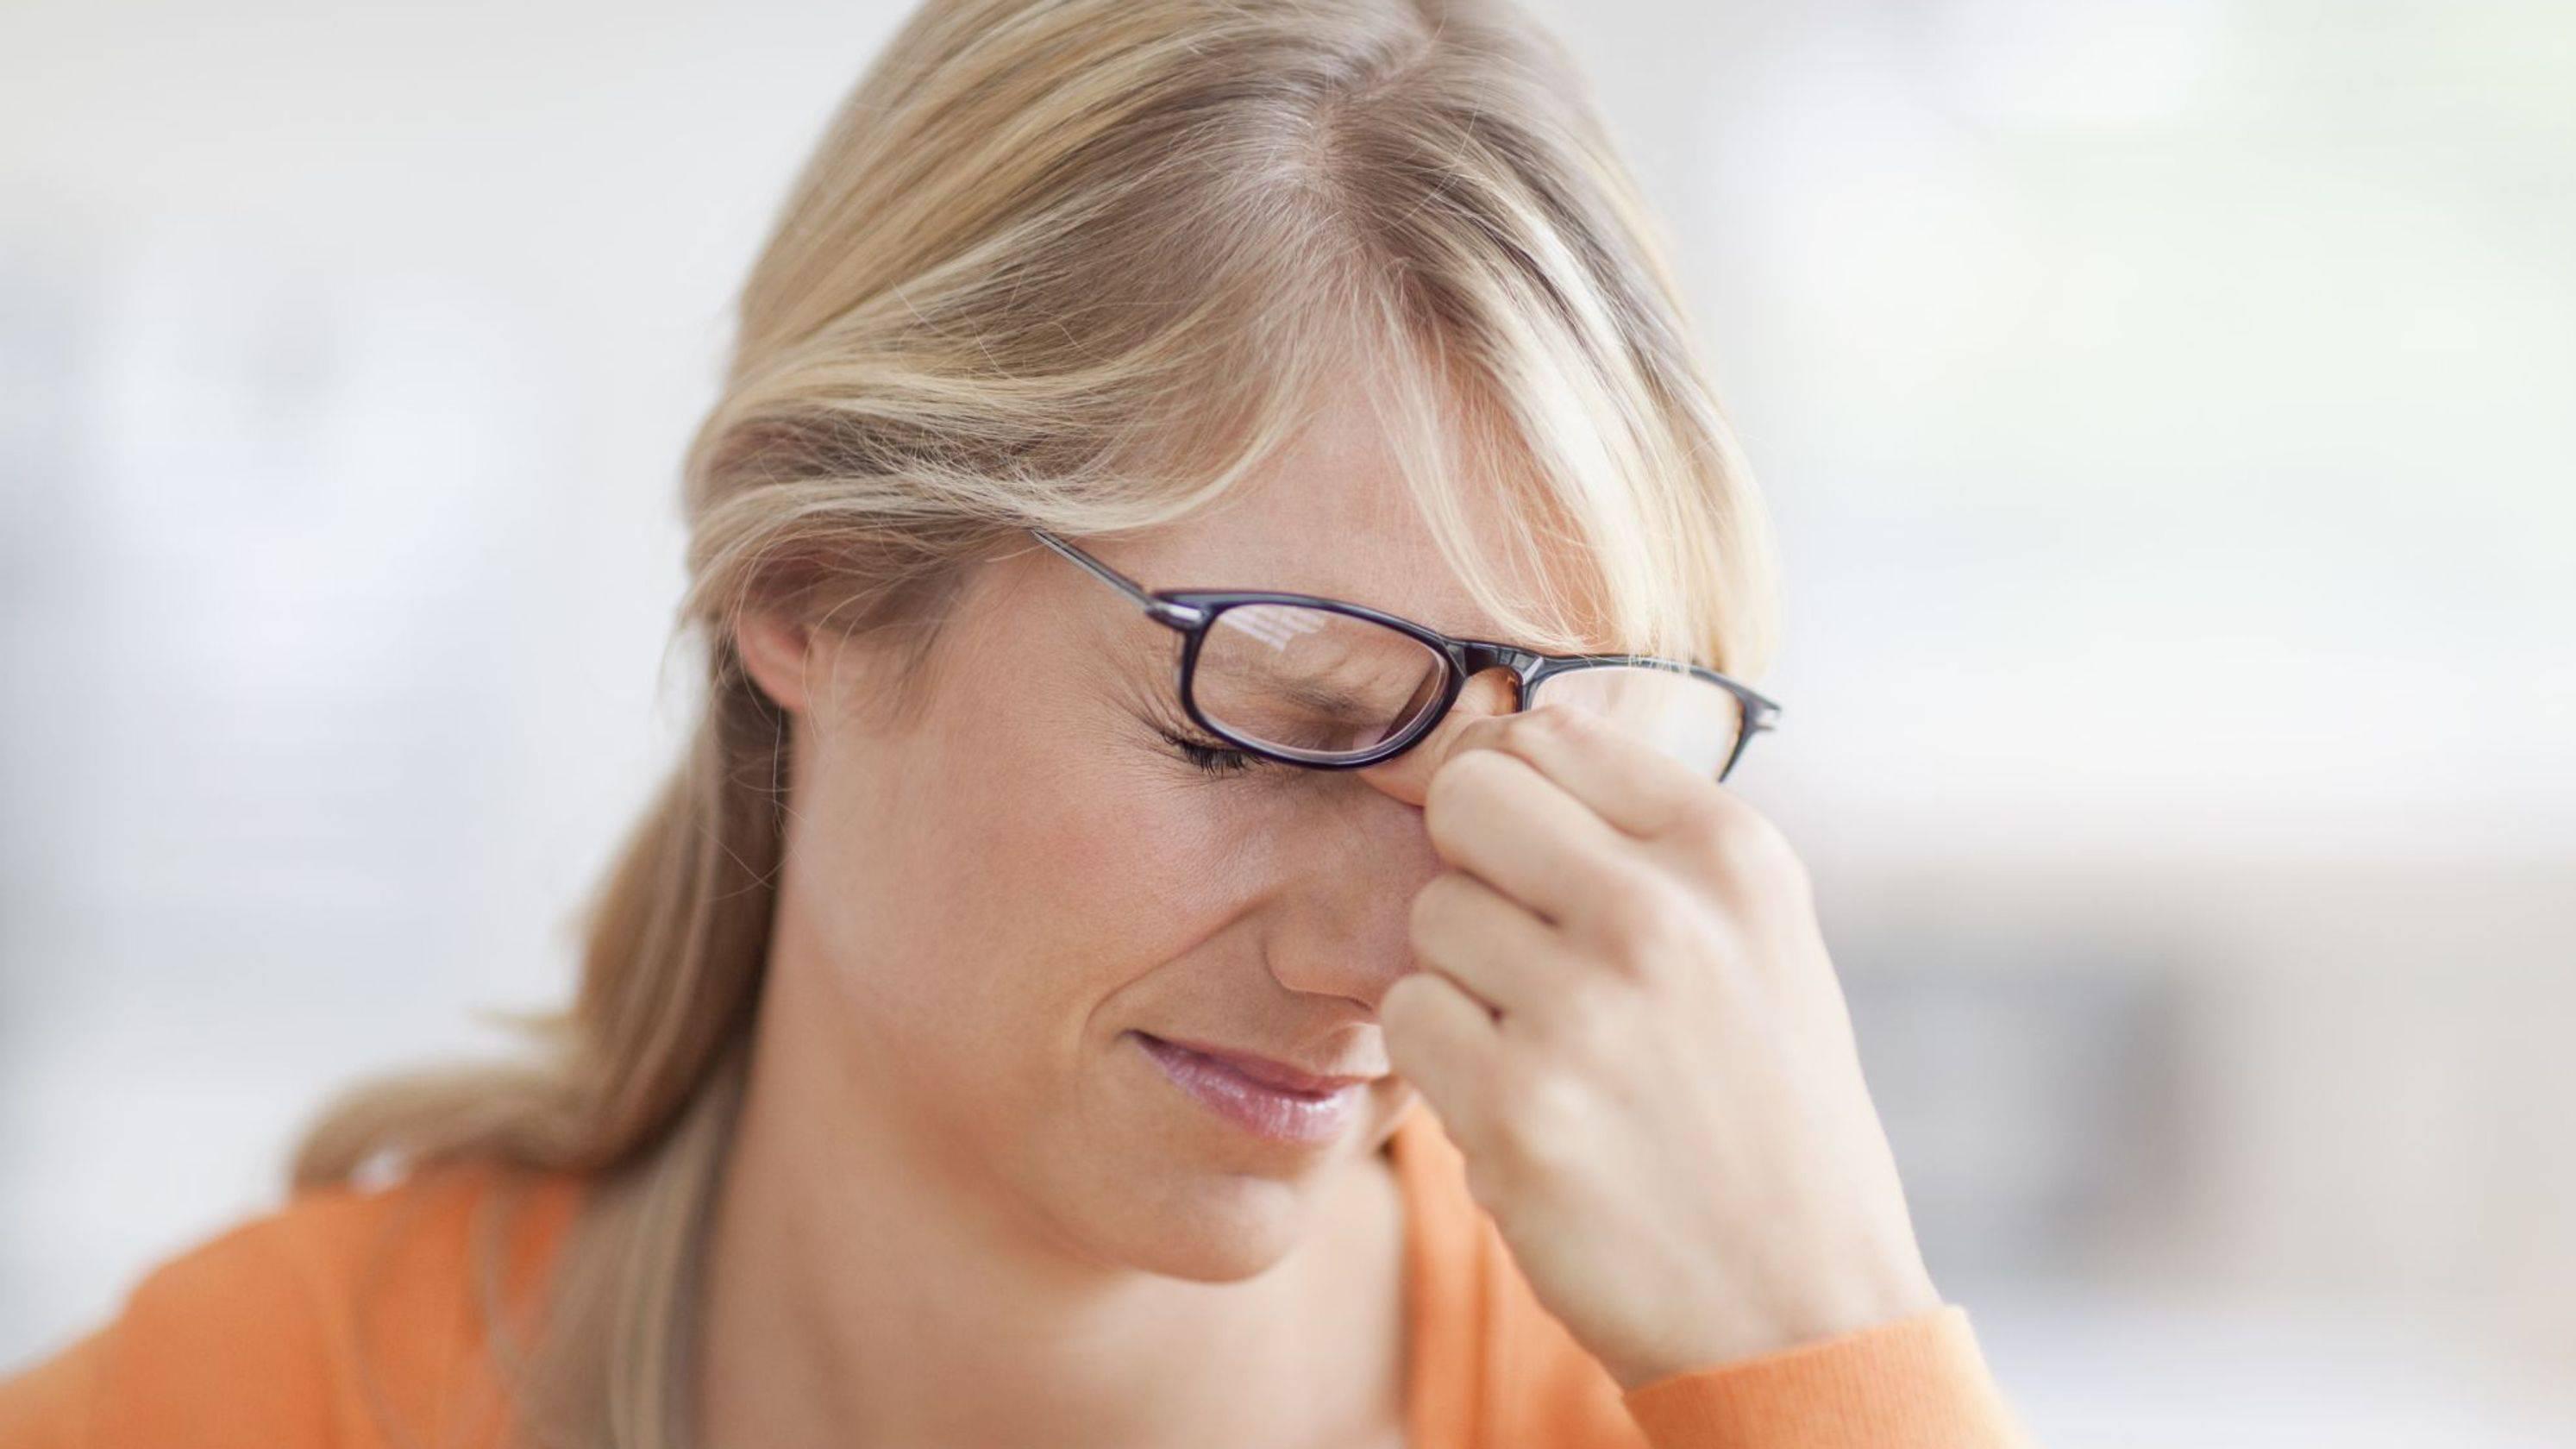 Усталость глаз от монитора — проблема двадцать первого века